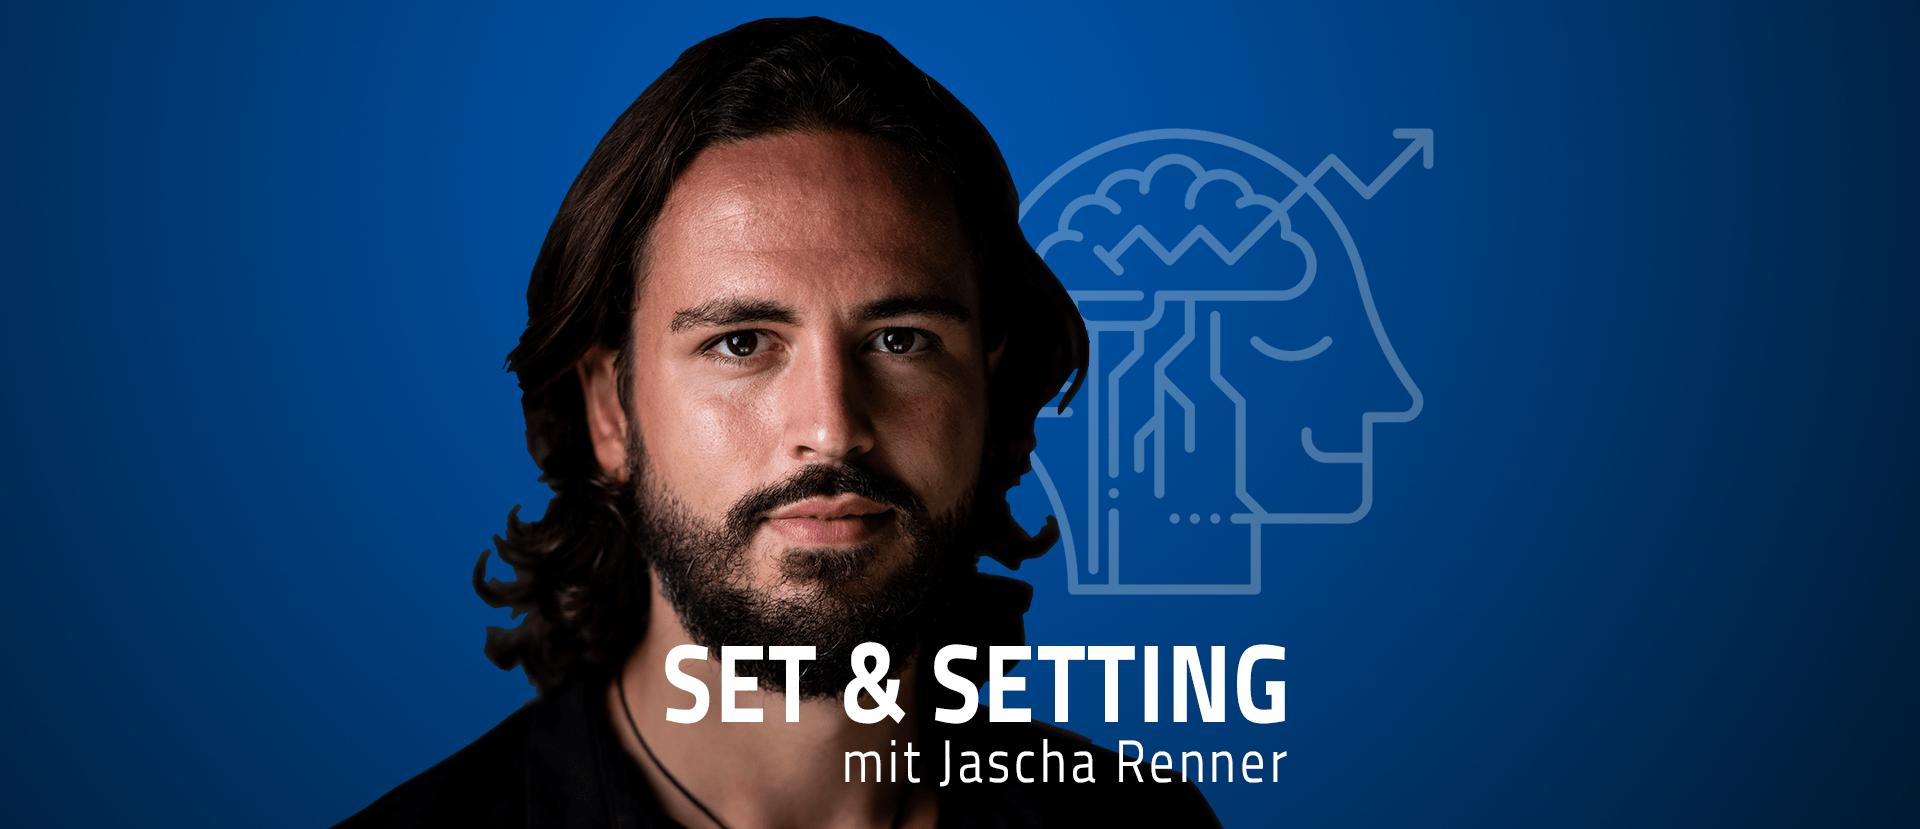 willkommen beim set und setting setandsetting podcast mit jascha renner episode null anfang